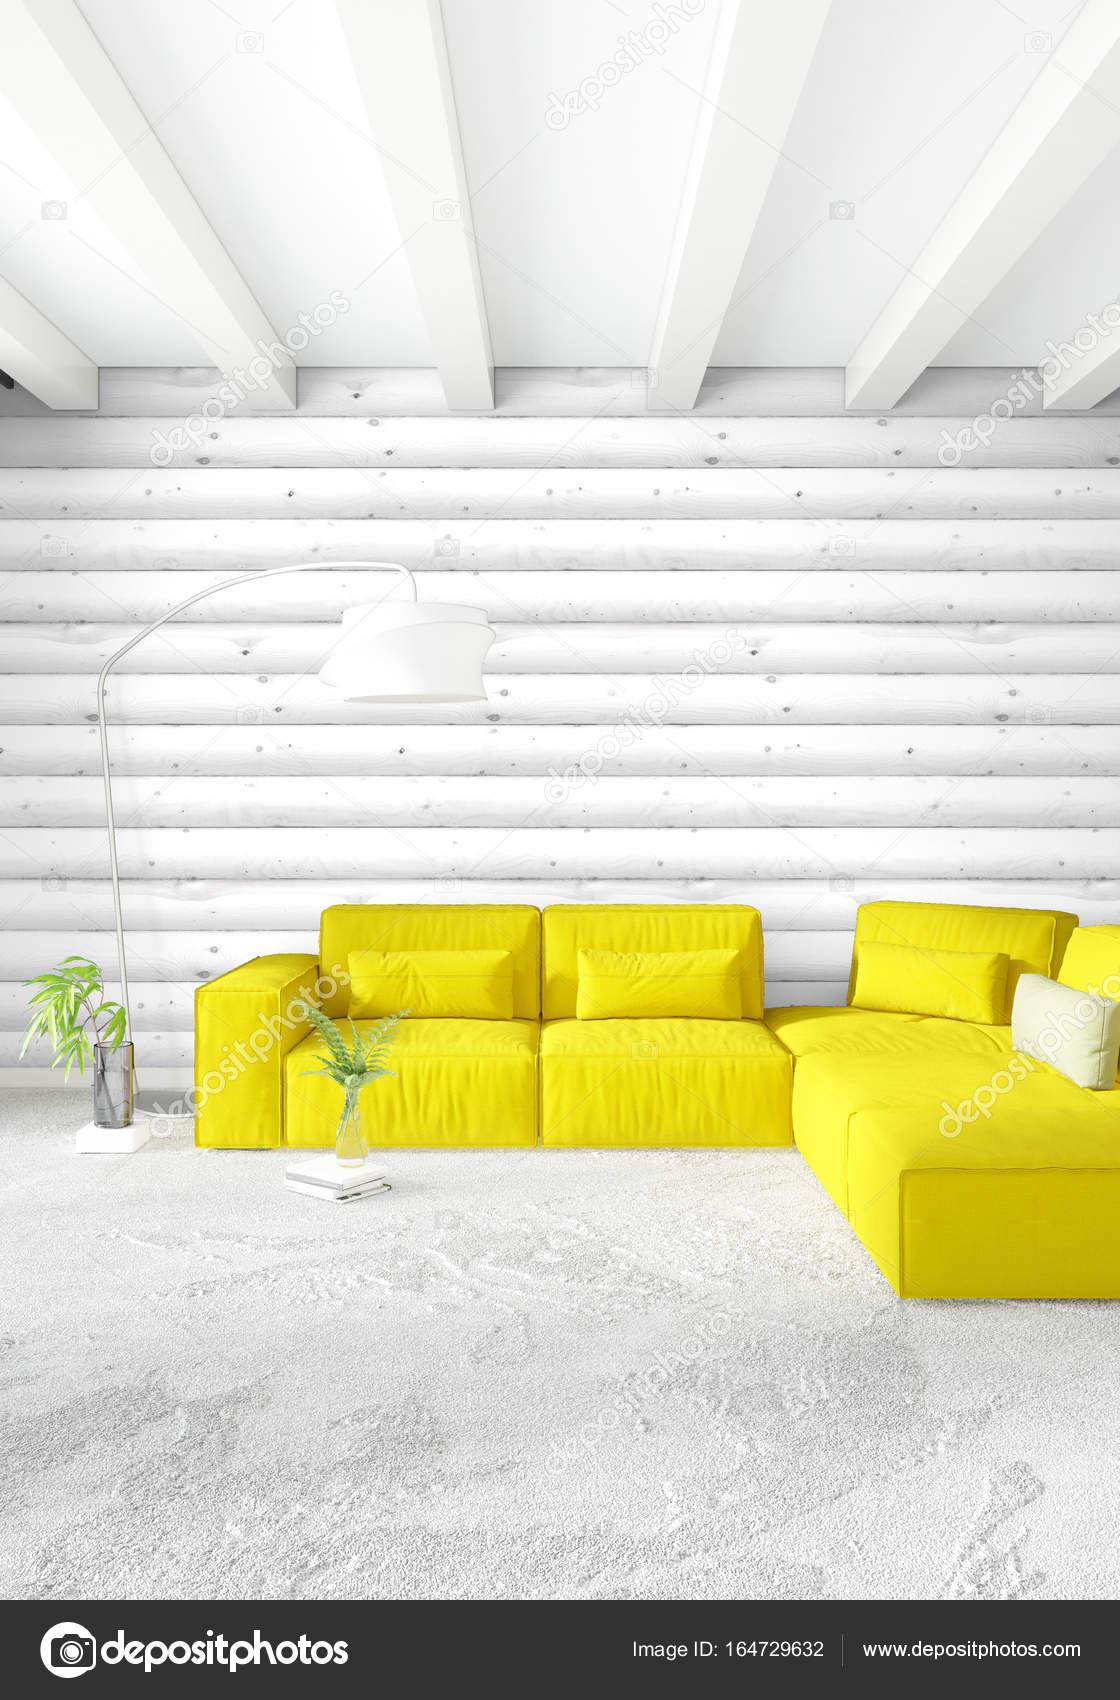 Minimale Schlafzimmer Innenarchitektur Holz Wand, gelbe Sofa und ...